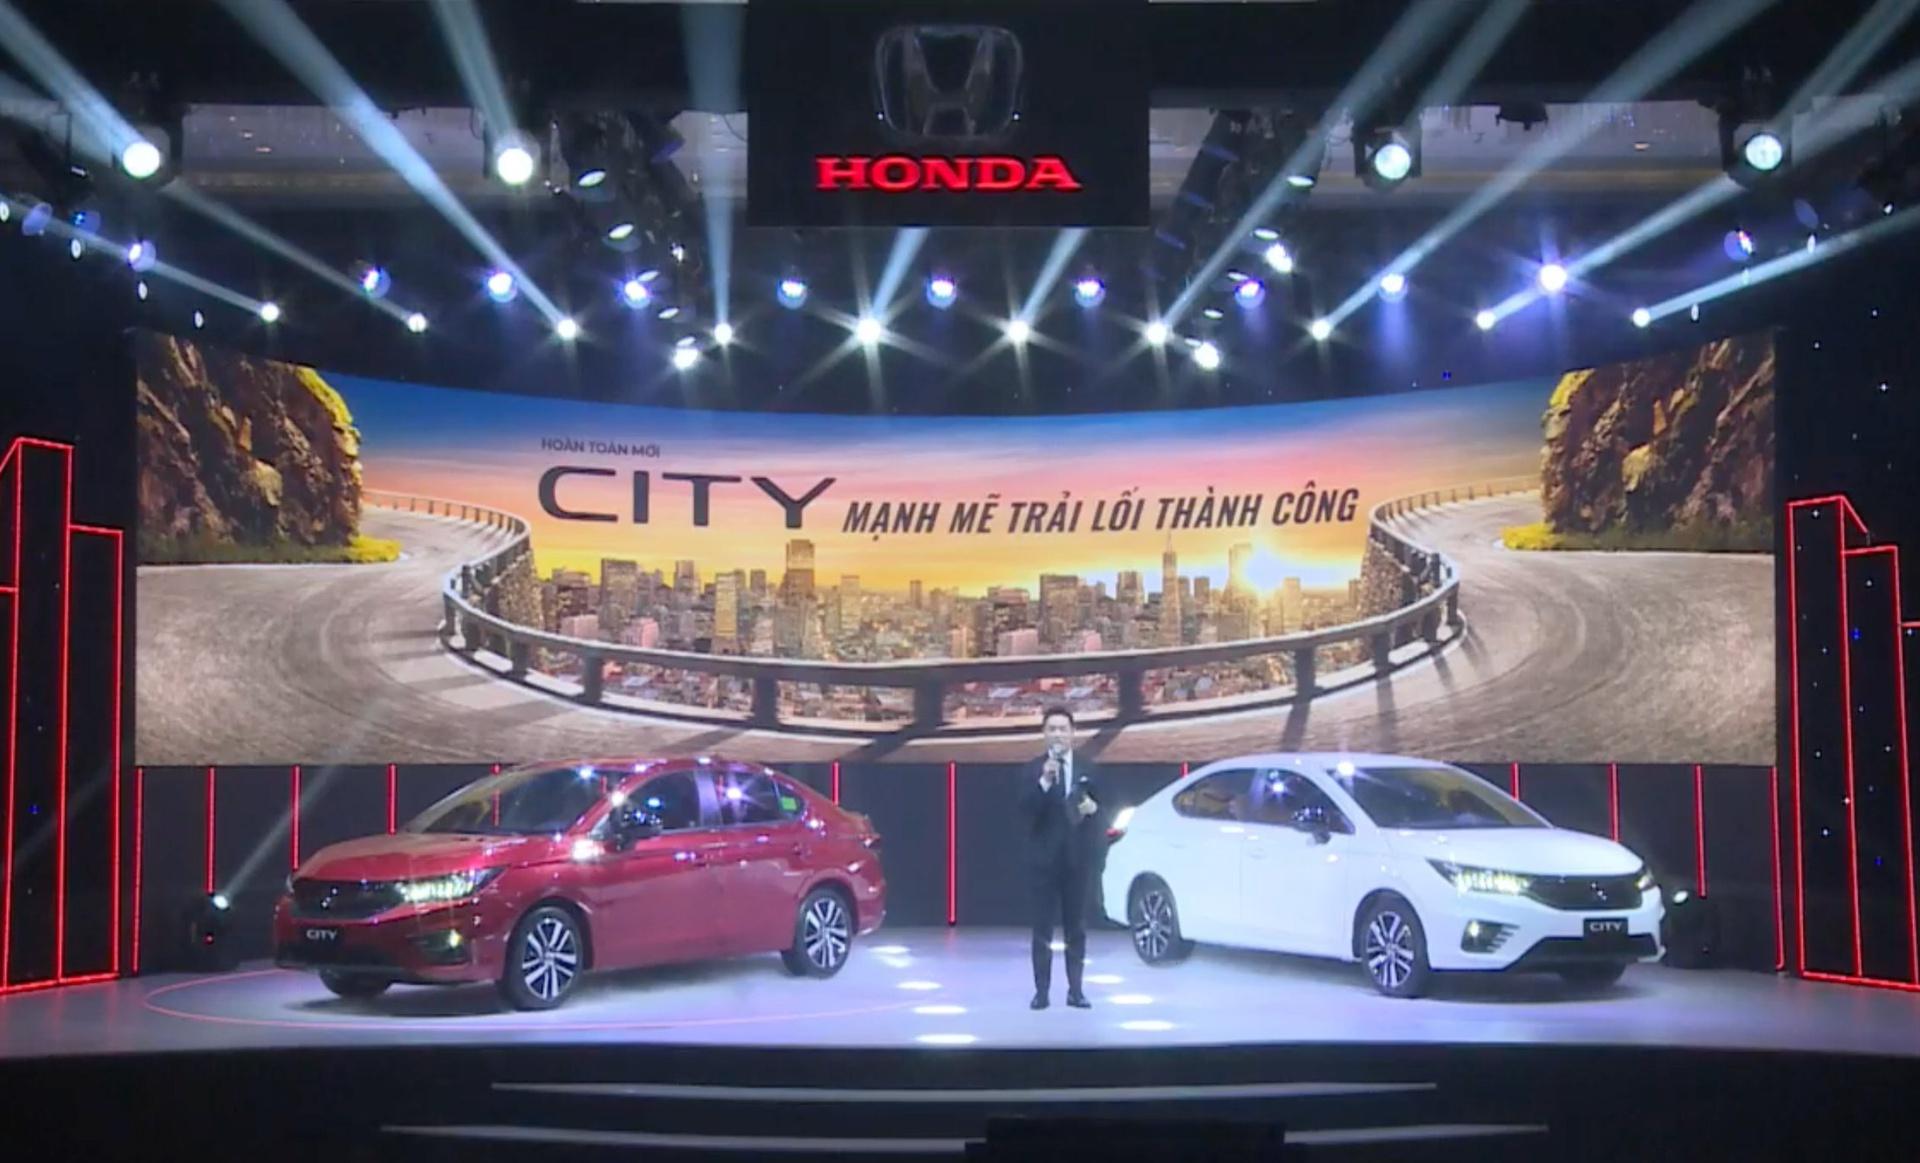 Soi 4 mẫu ô tô giá 300 – 500 triệu đồng nằm trong top xe ít ăn xăng nhất Việt Nam